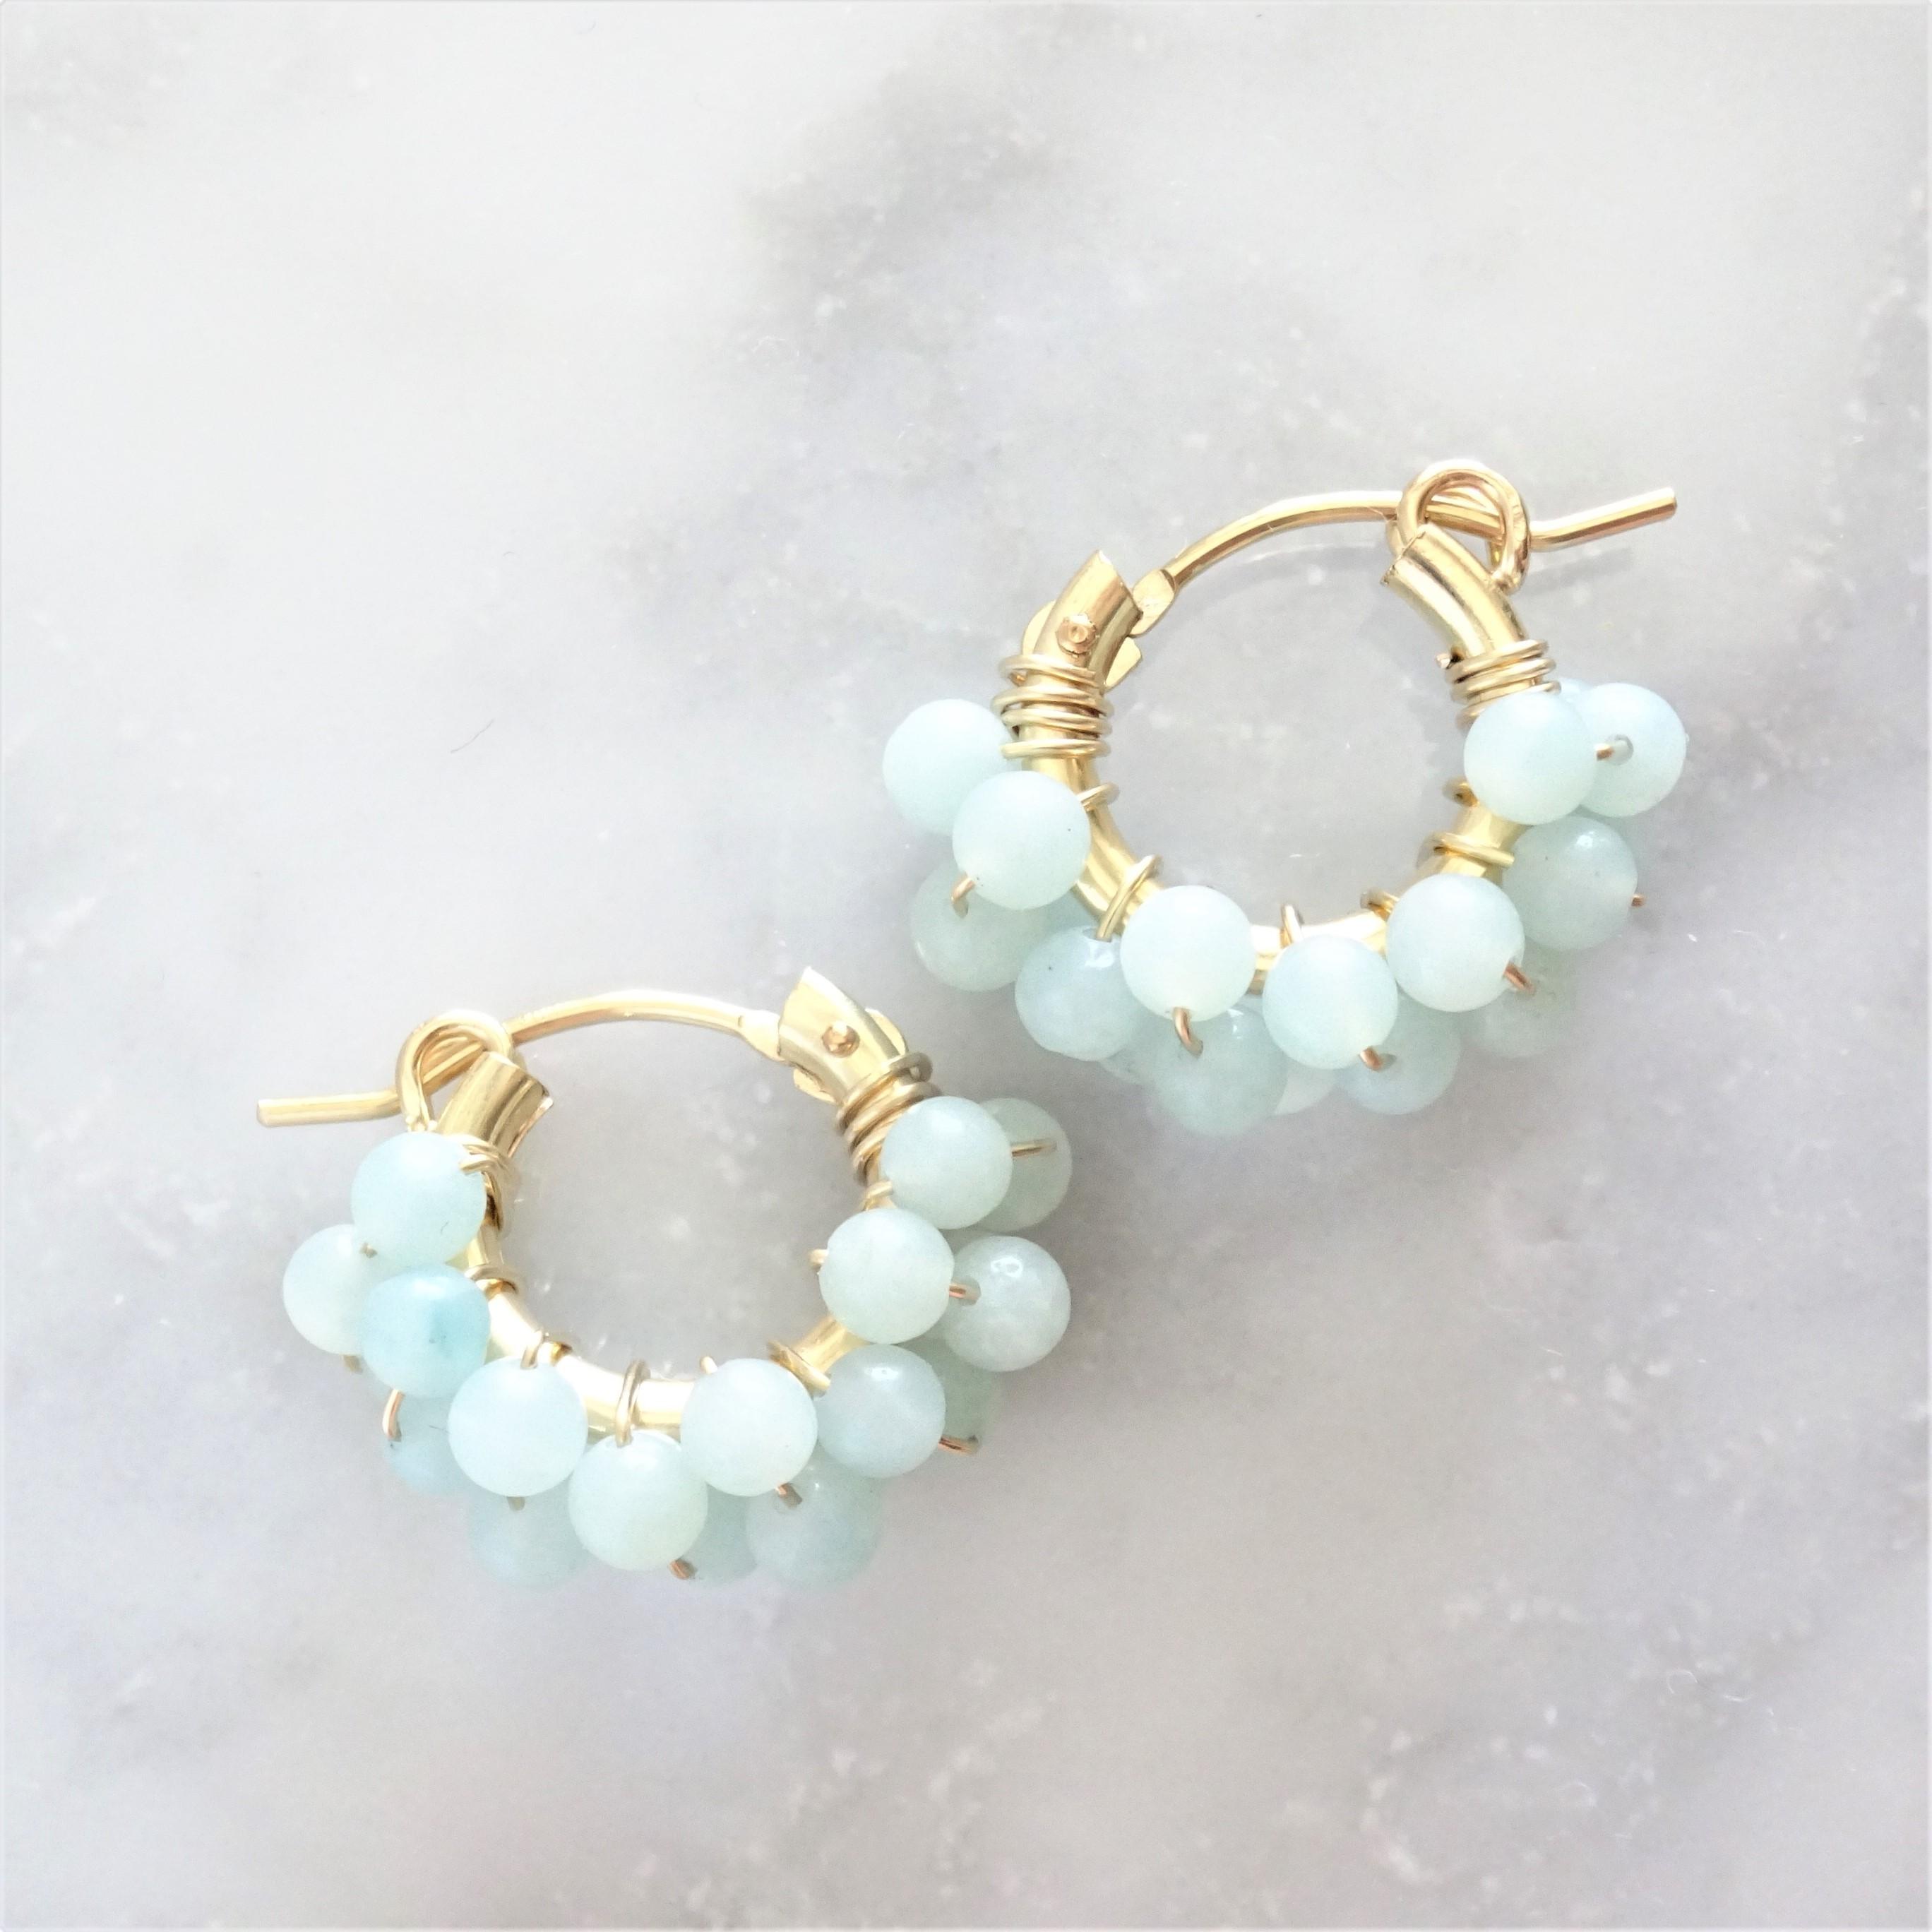 送料無料14kgf*Amazonite pavé earring / pierced earring